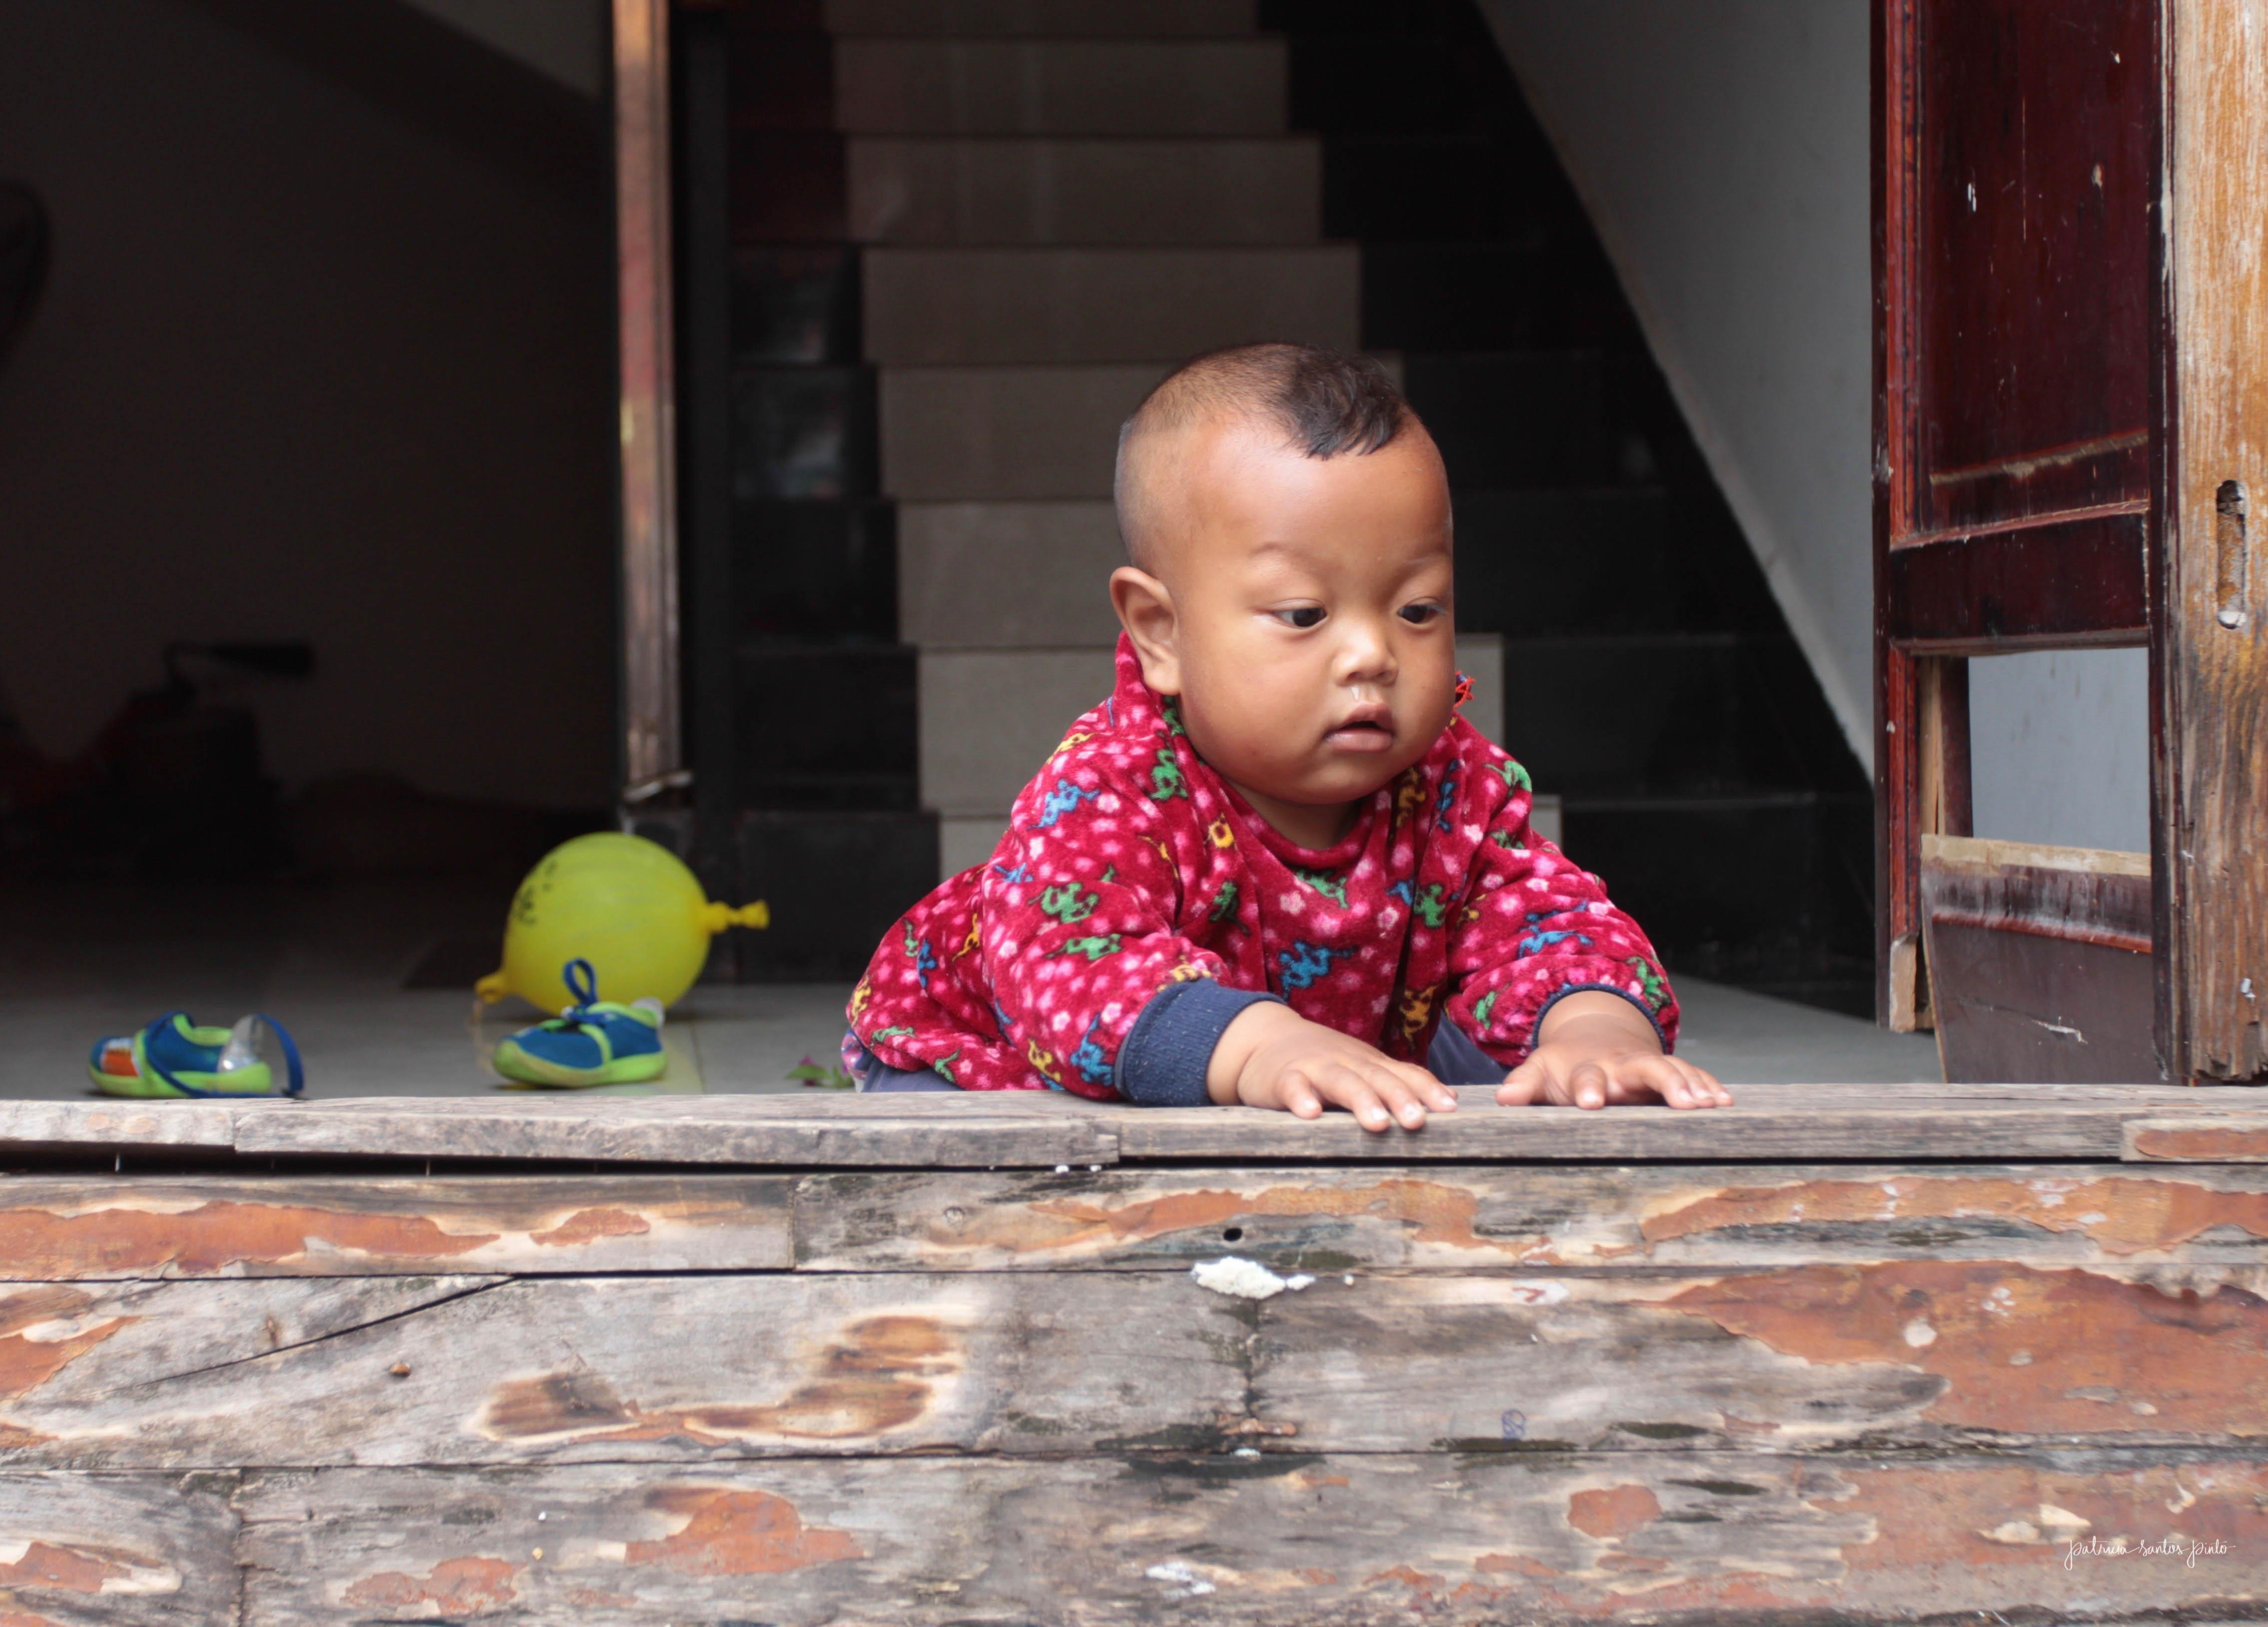 Xichang, China